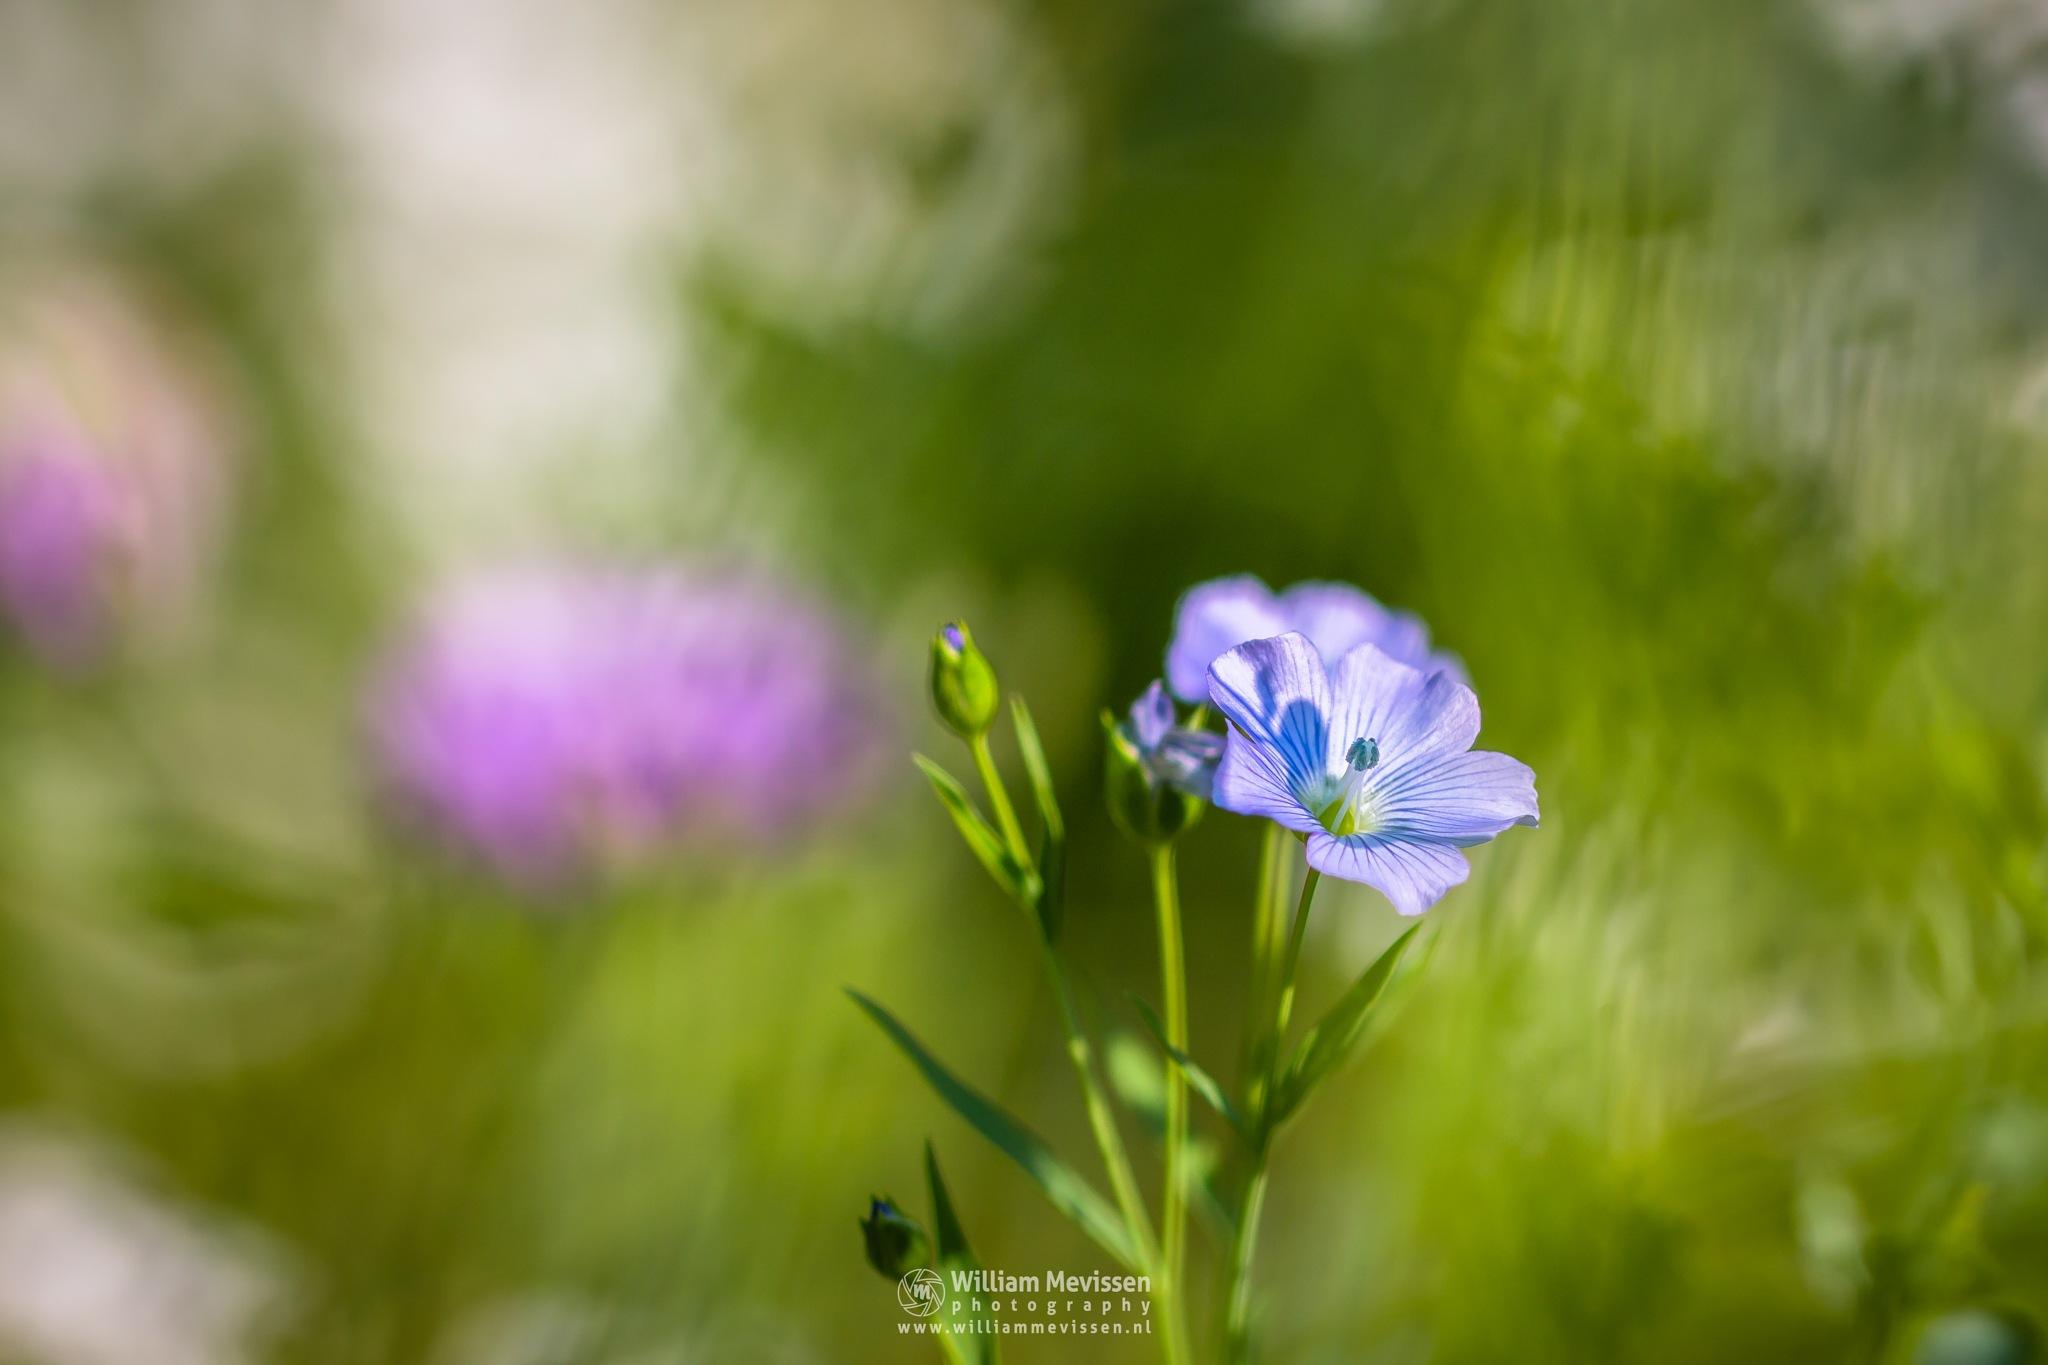 In A Flower Meadows by William Mevissen